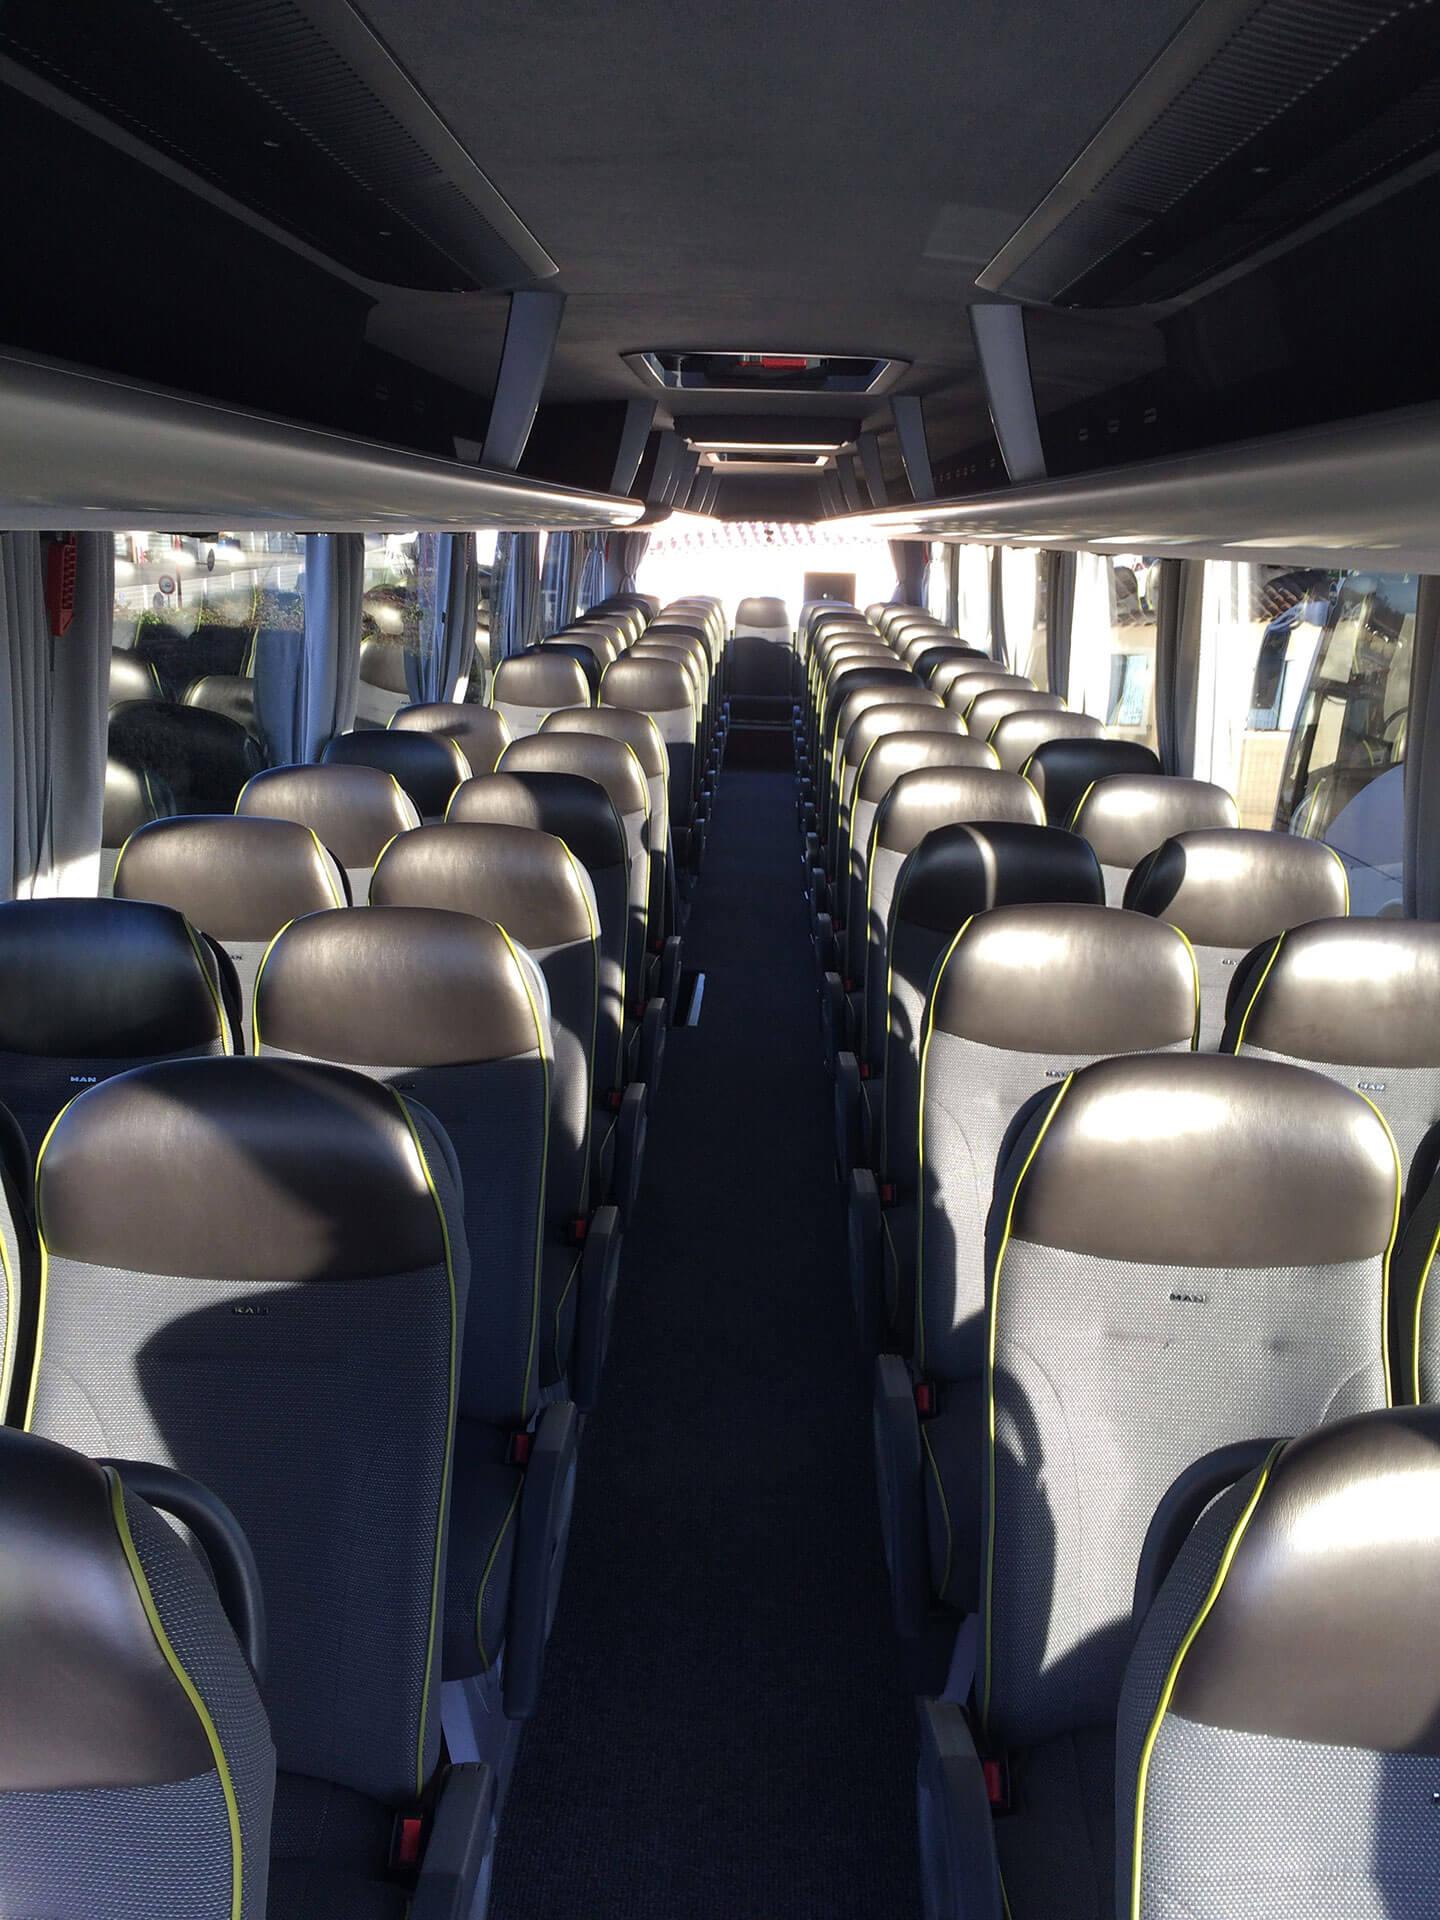 autocars Aix-en-Provence location Autocars Burle